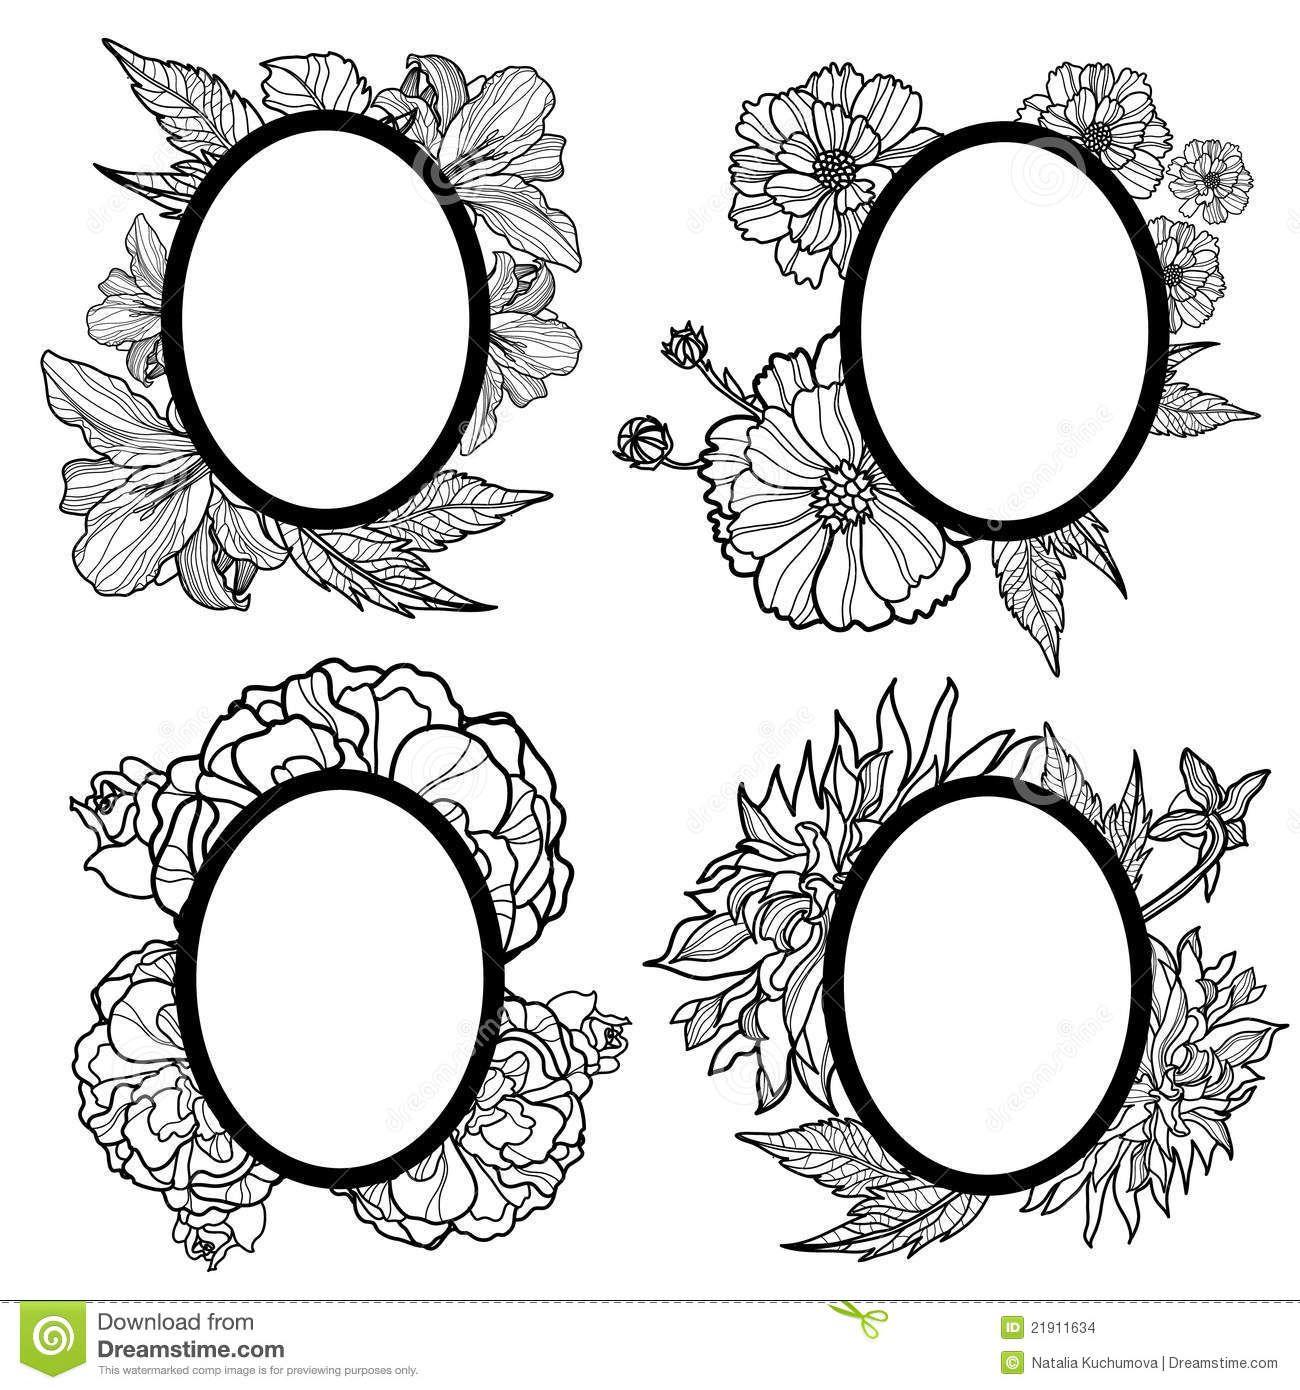 vectorsetvintageovalframesflowers21911634.jpg 1,300